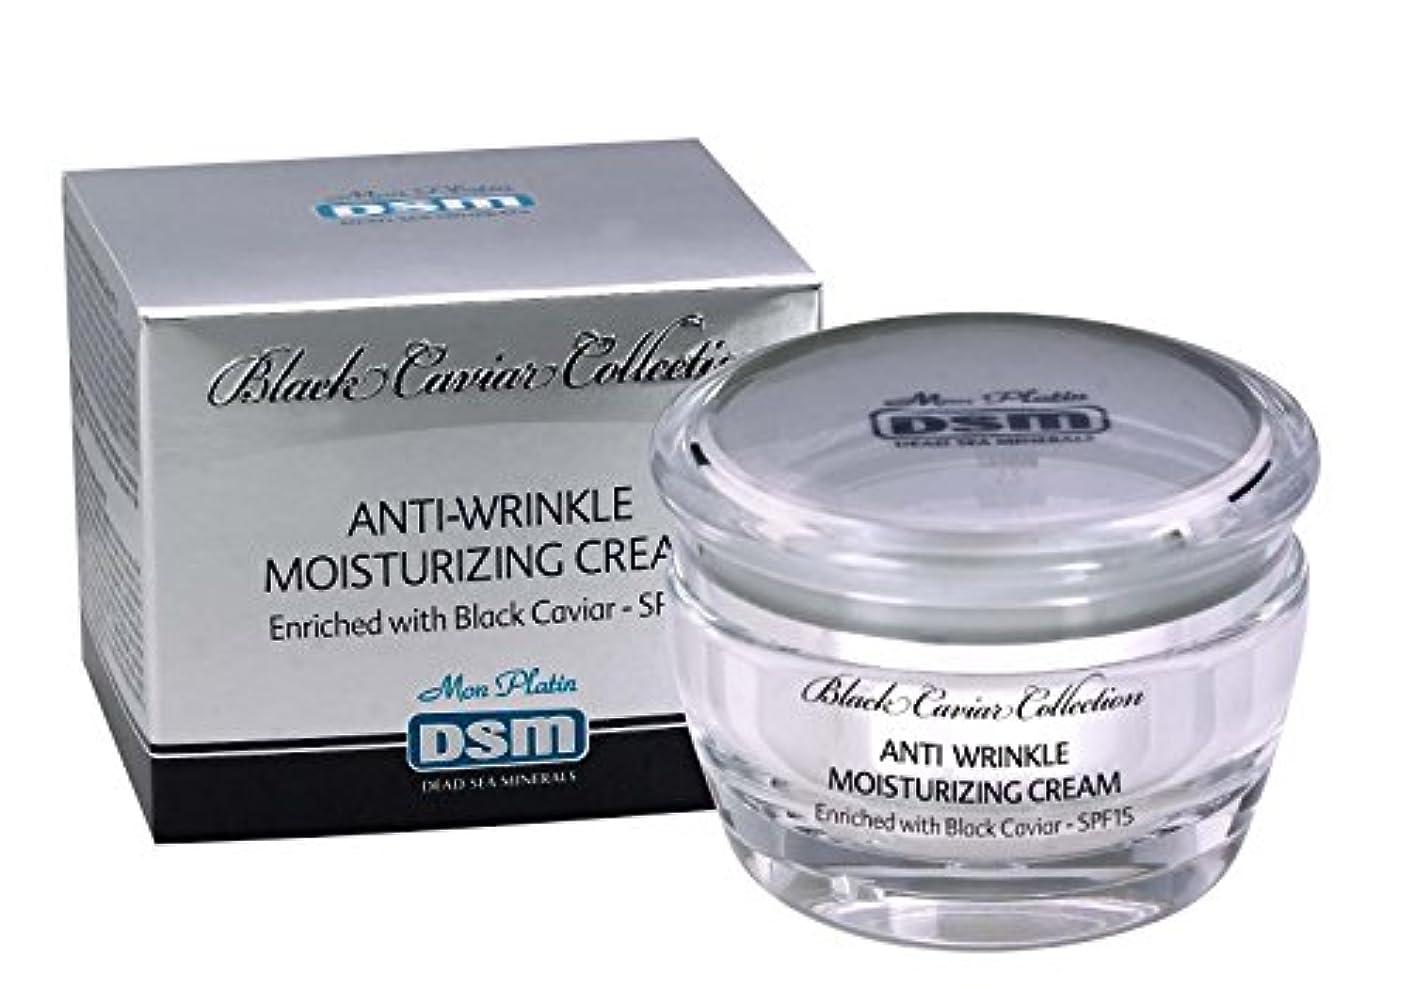 育成政治専門知識皺取りしっとり湿潤クリーム 黒キャビア SPF15 死海ミネラル50mL Mon Platin 全皮膚タイプ ミネラル お顔 (Anti-Wrinkle Moisturizing Cream with Black Caviar SPF 15)